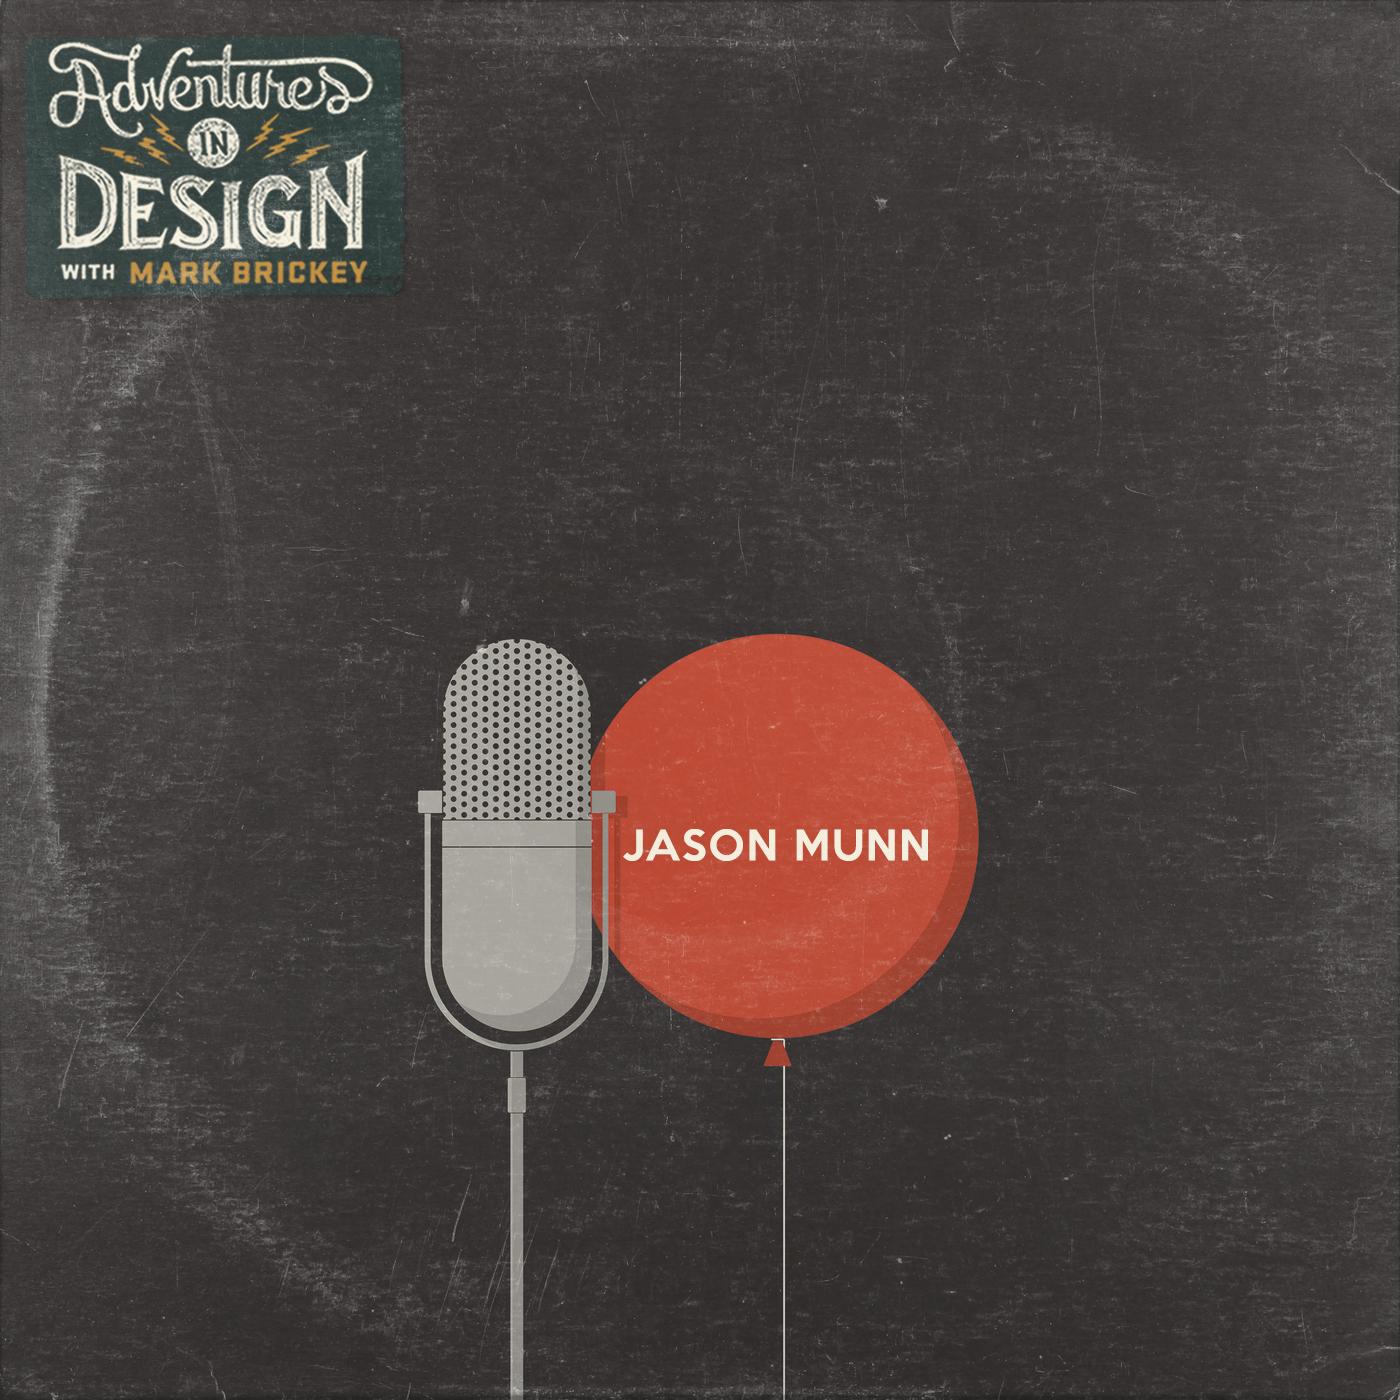 Episode 363 - Jason Munn